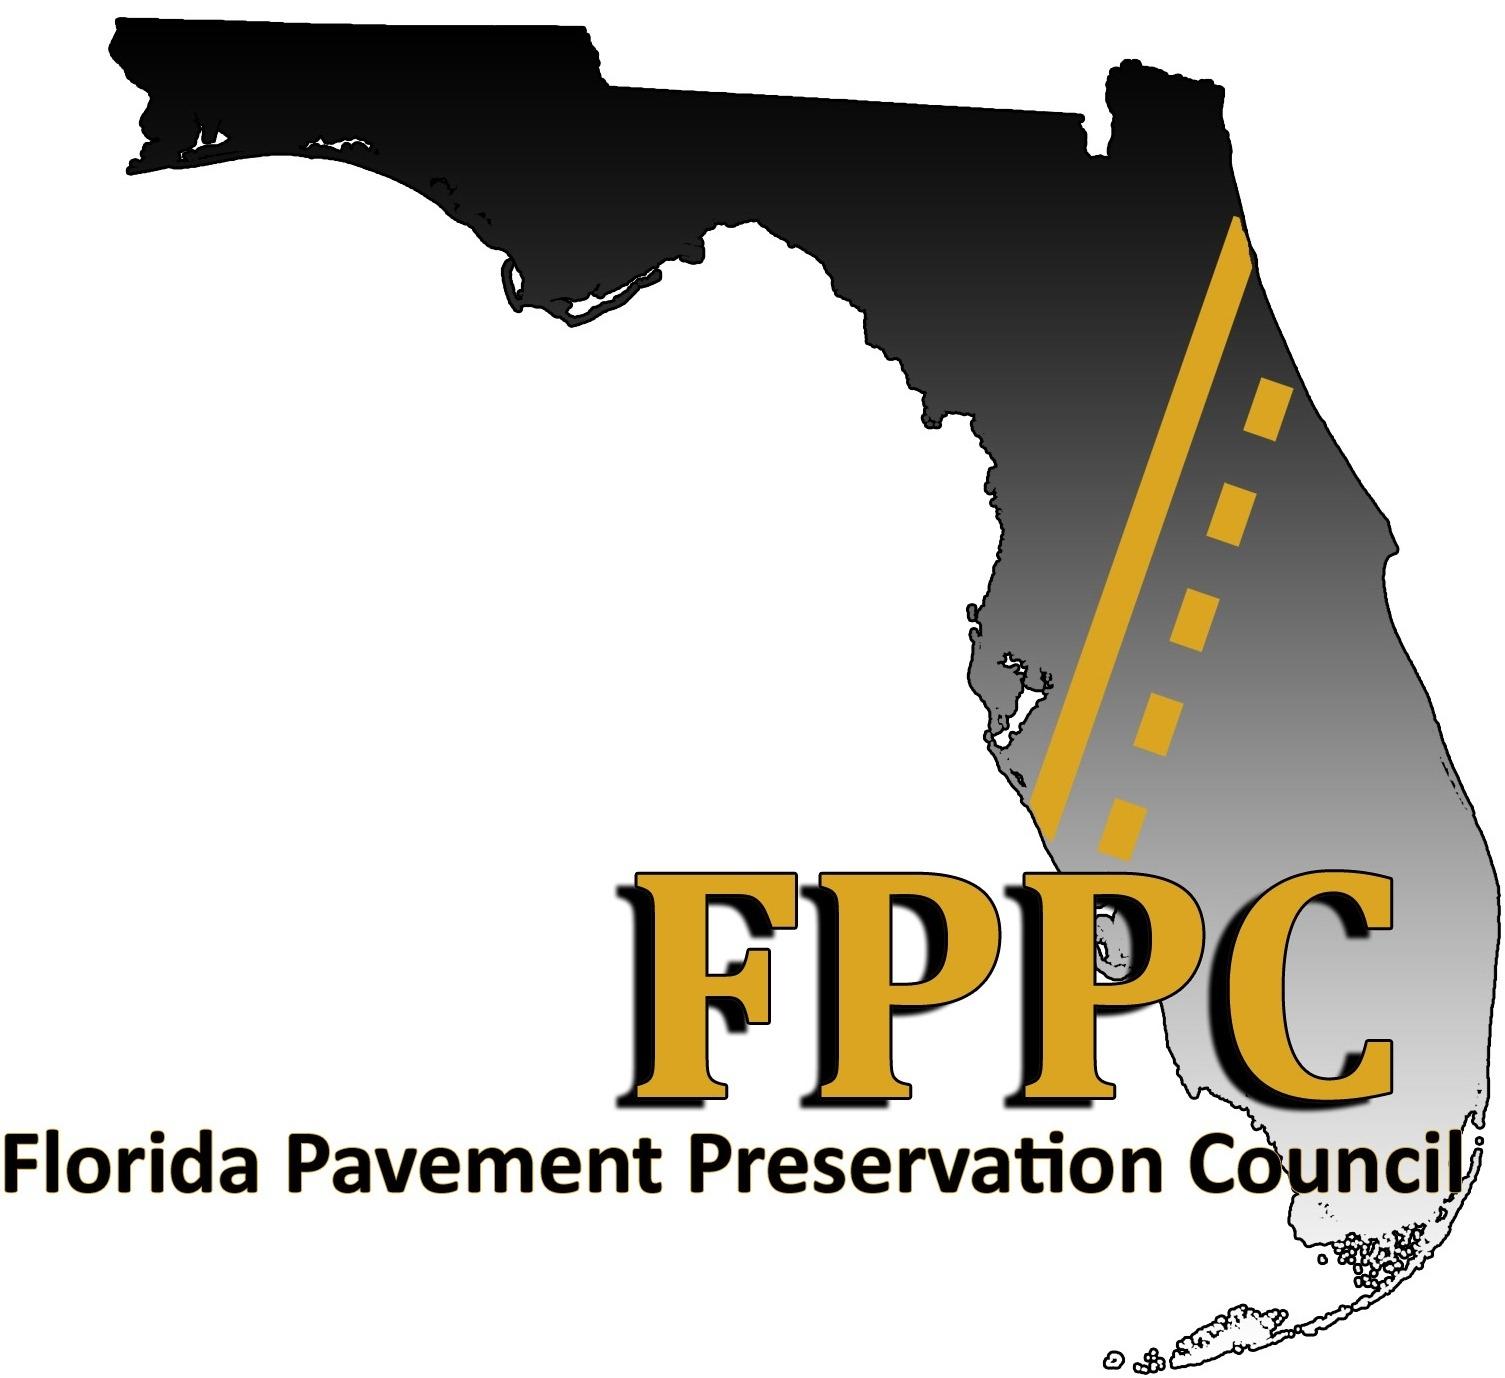 Florida Pavement Preservation Council